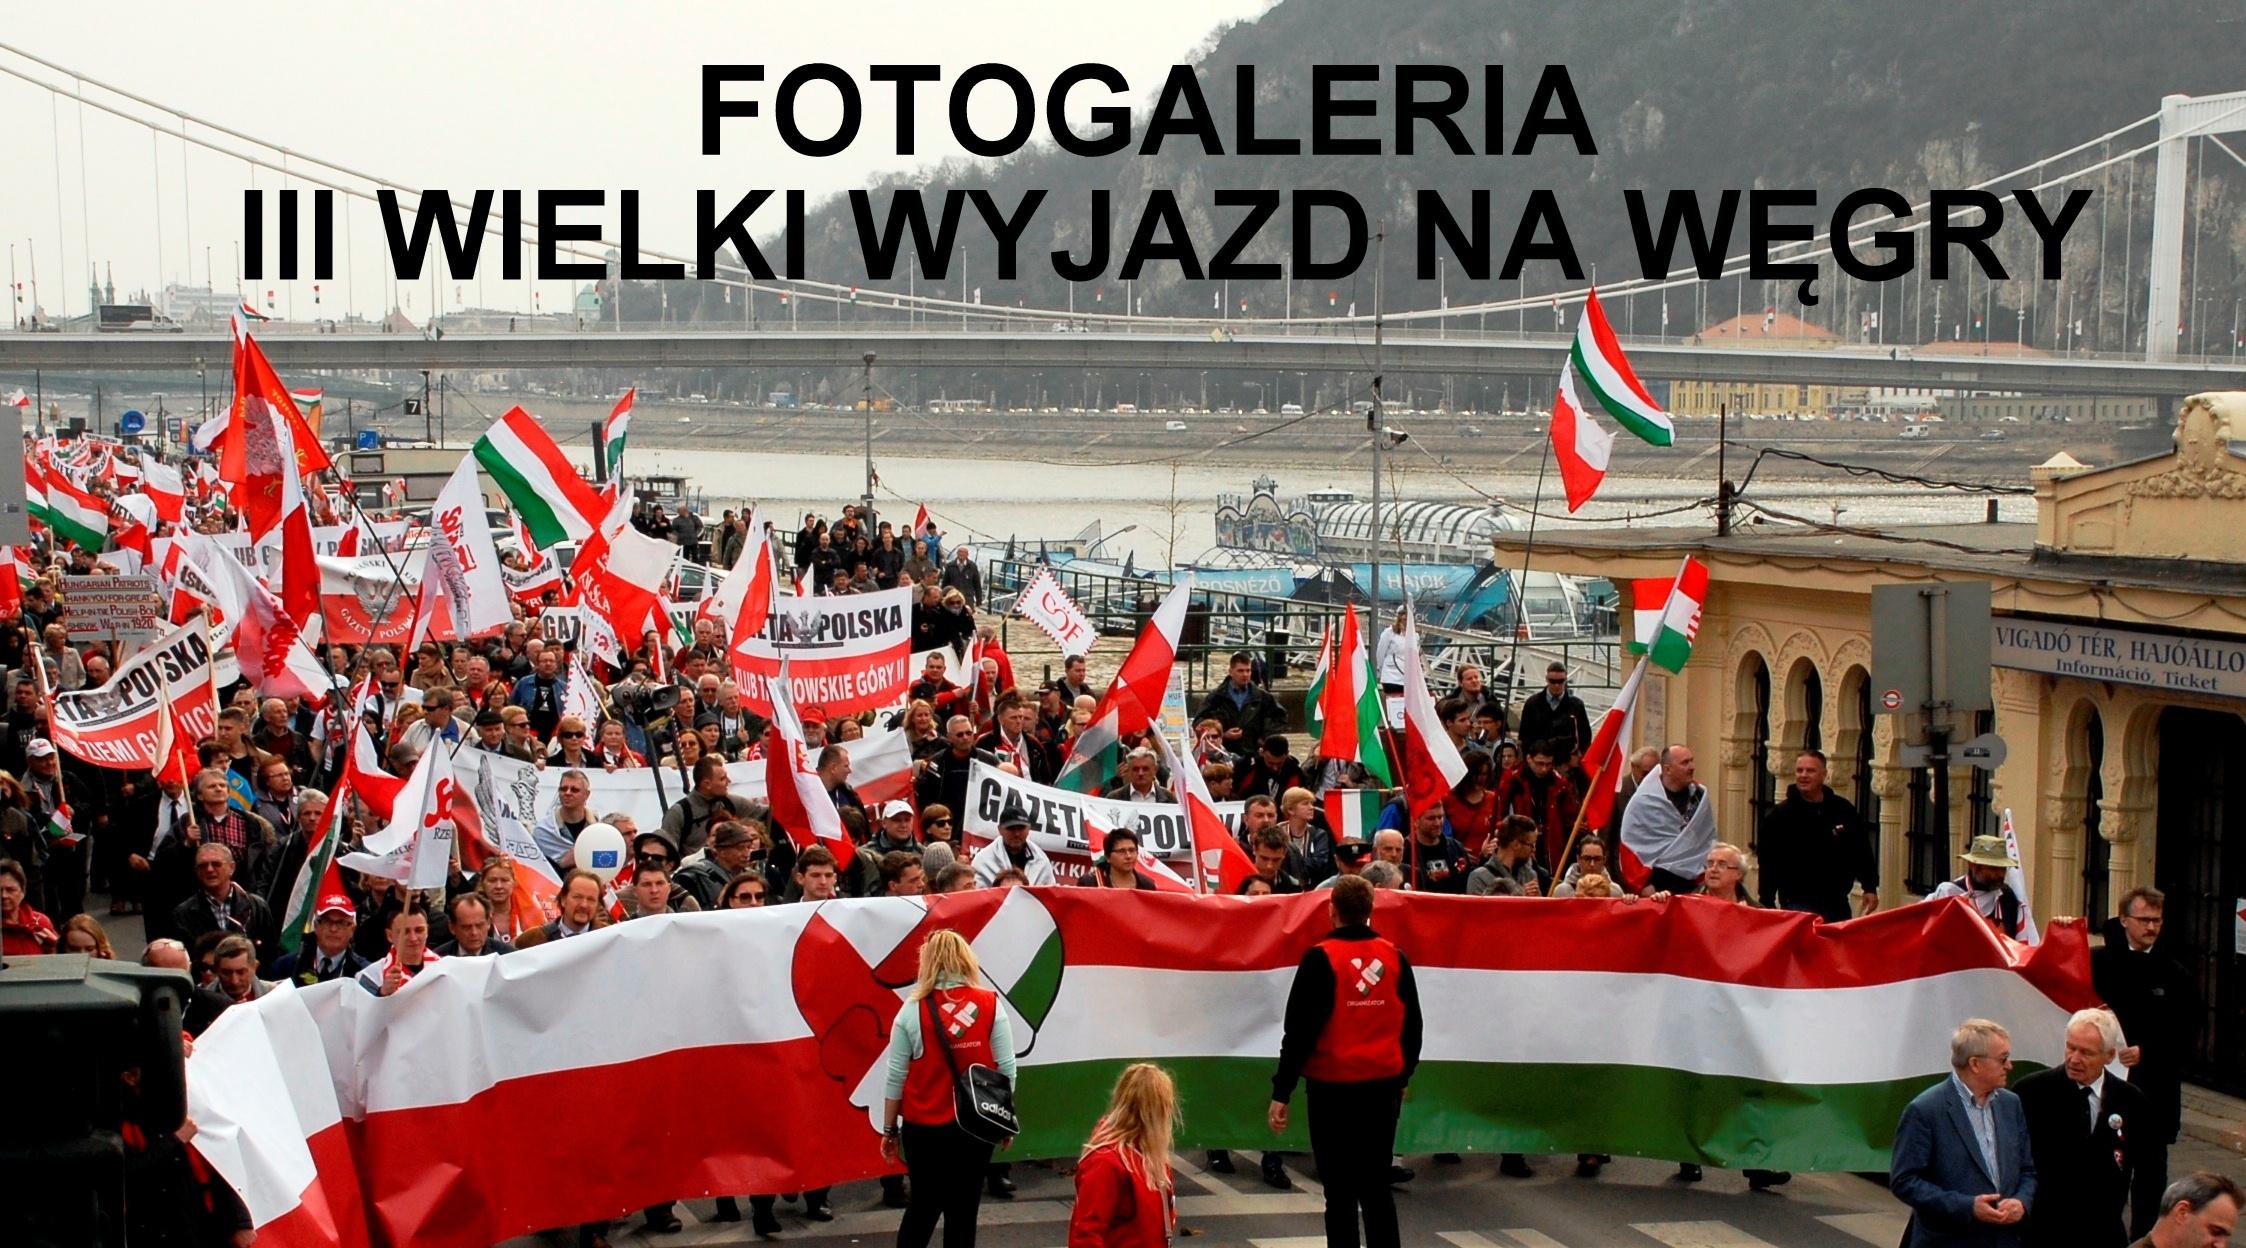 Wegry_galeria